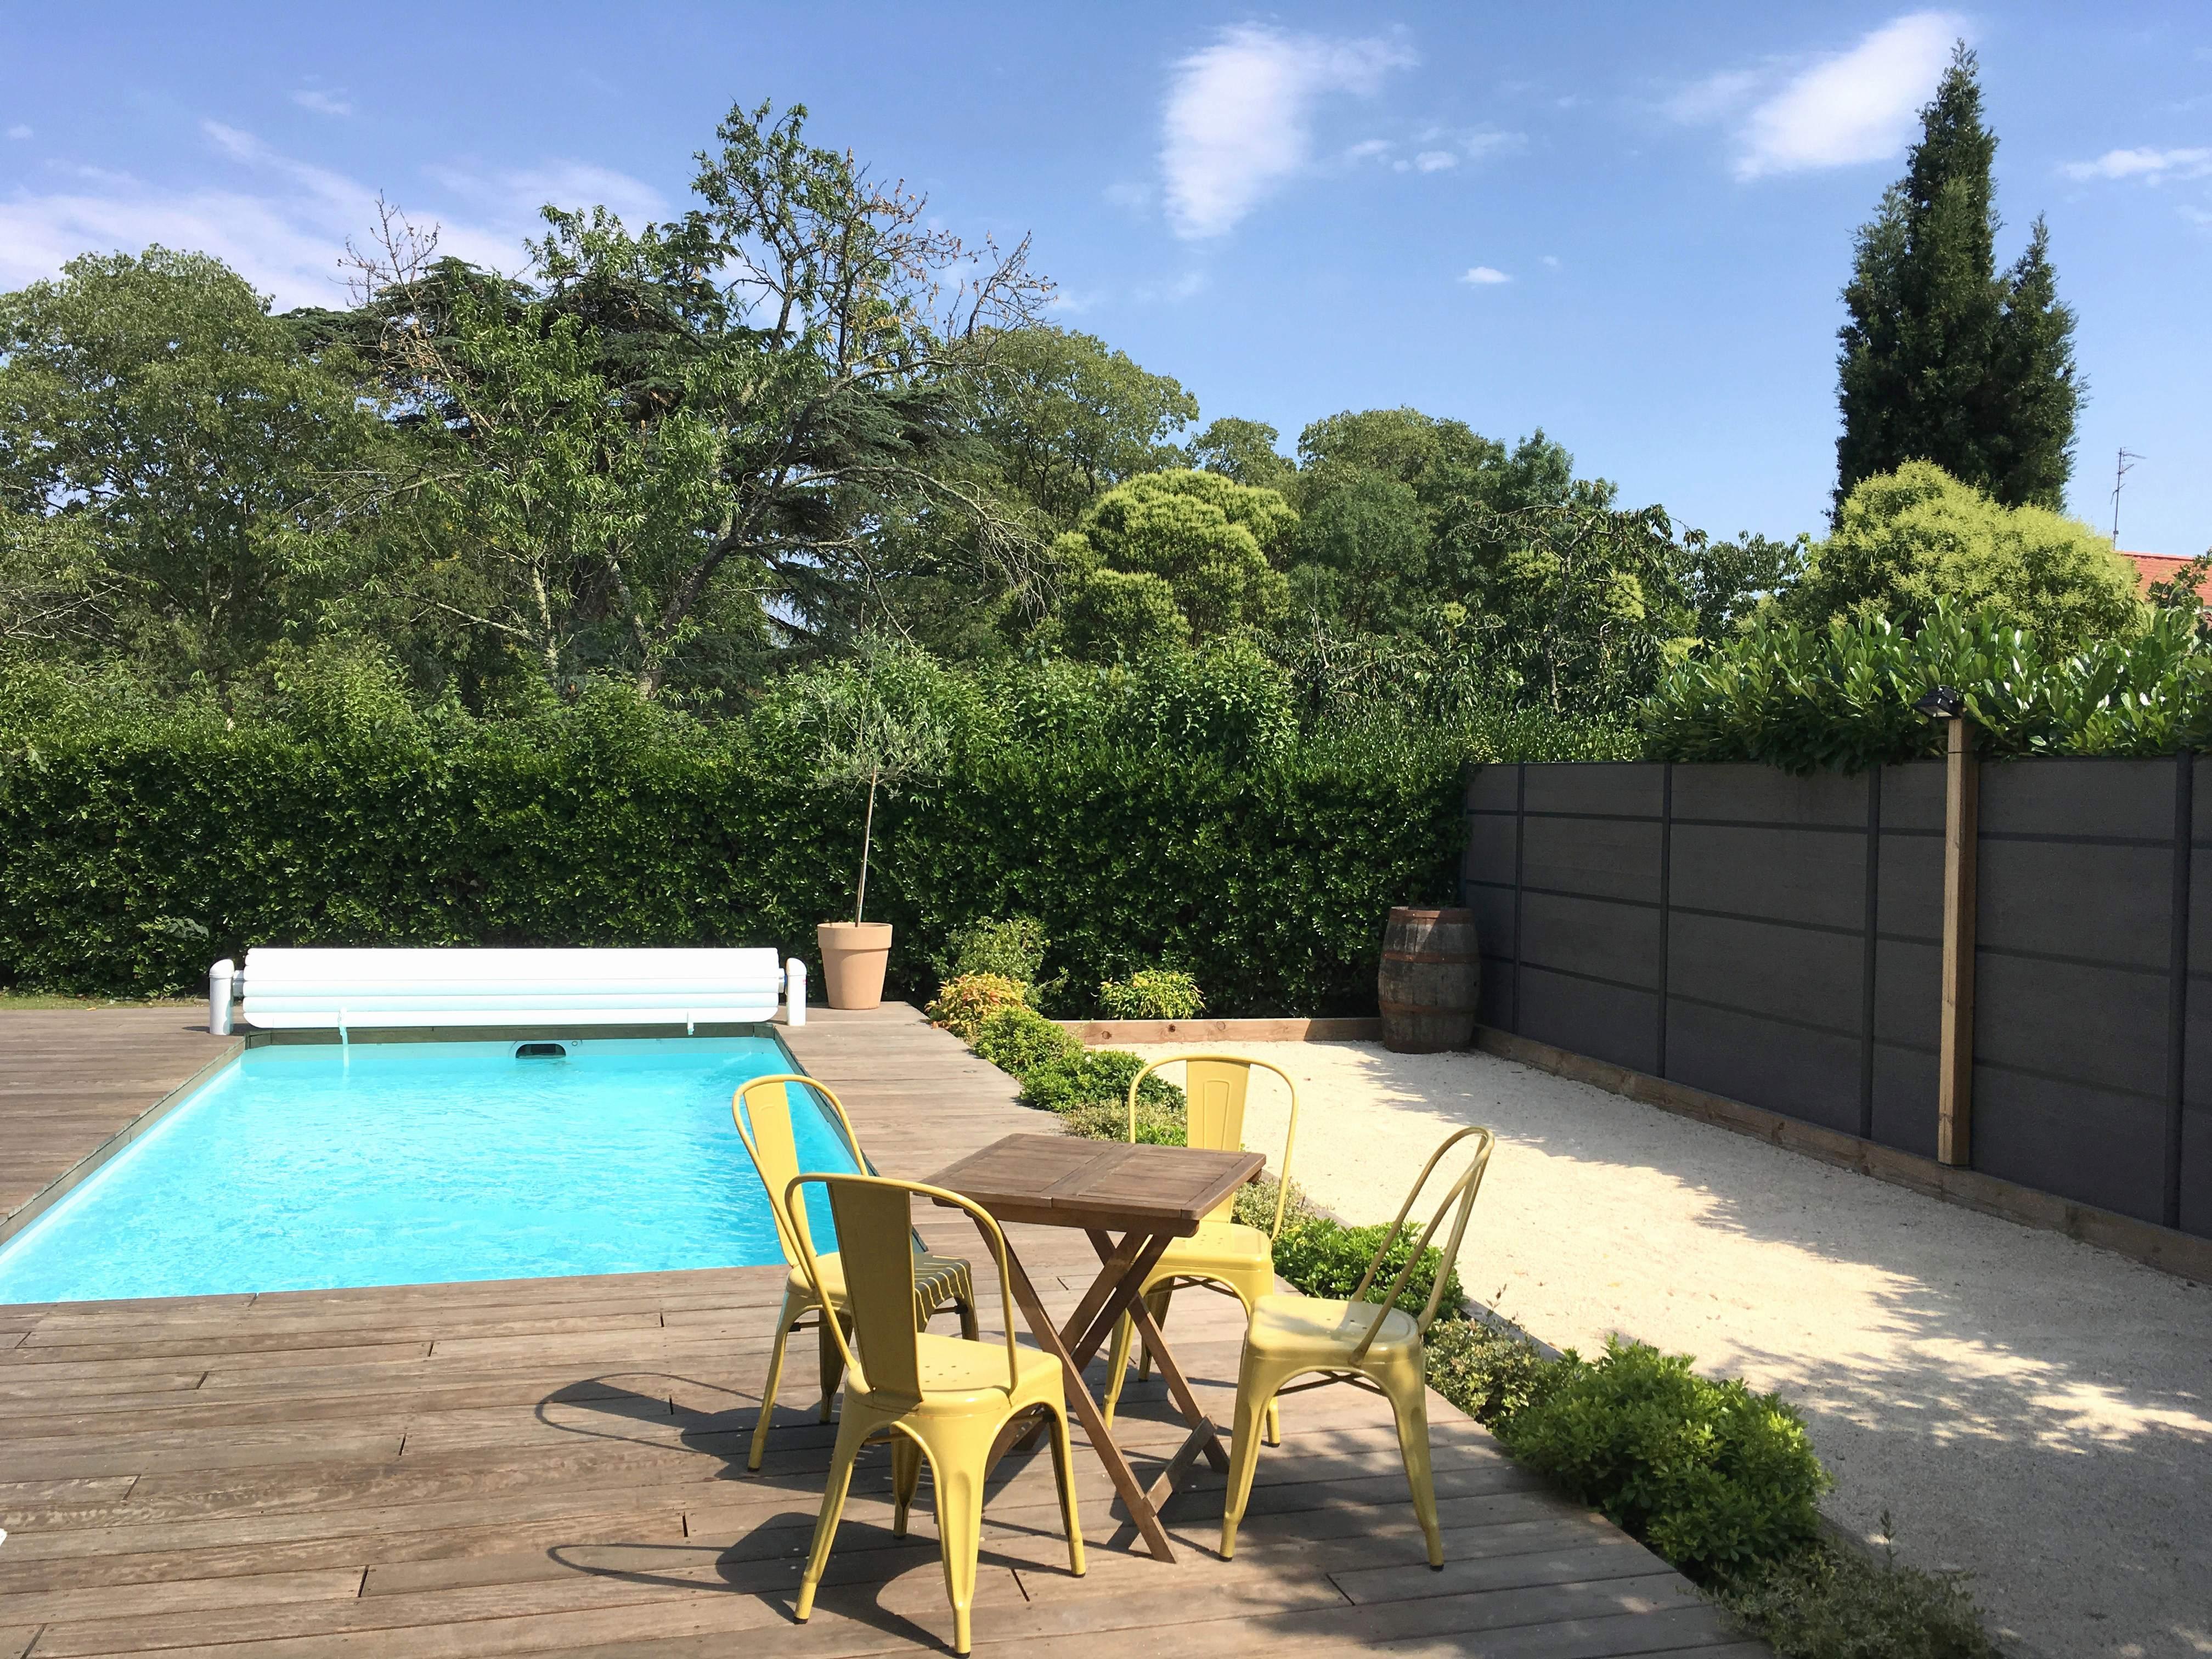 Jardin De Provence Nemours Beau Images Jardin De Majorelle Unique Bardage Claire Voie Réalisé Par Cube In